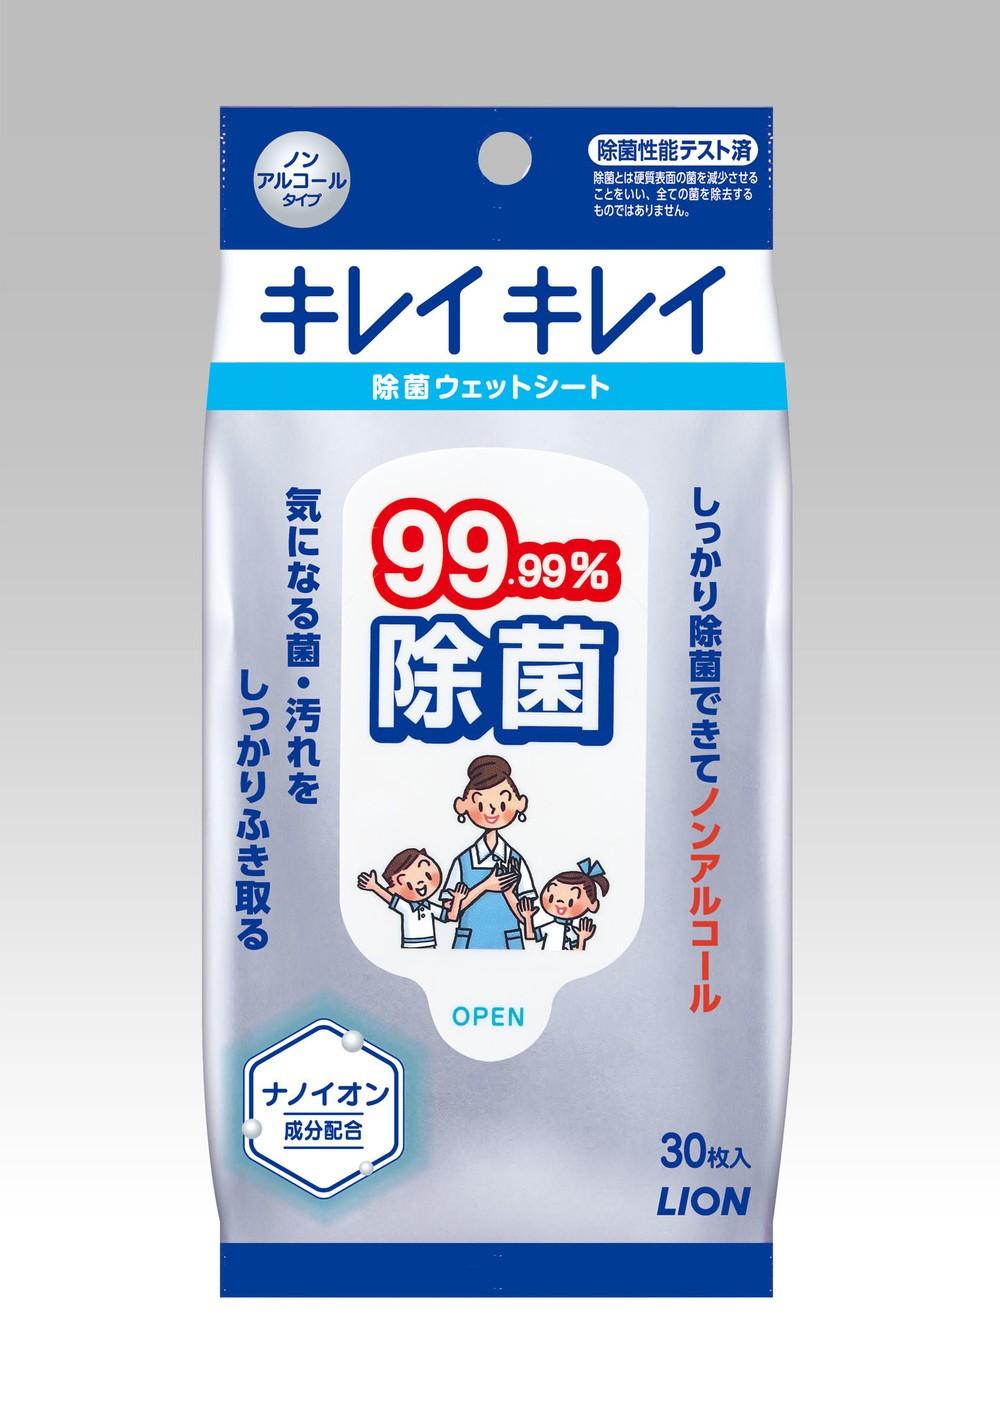 ノンアルコール処方で安心 「キレイキレイ99.99%除菌ウェットシート」